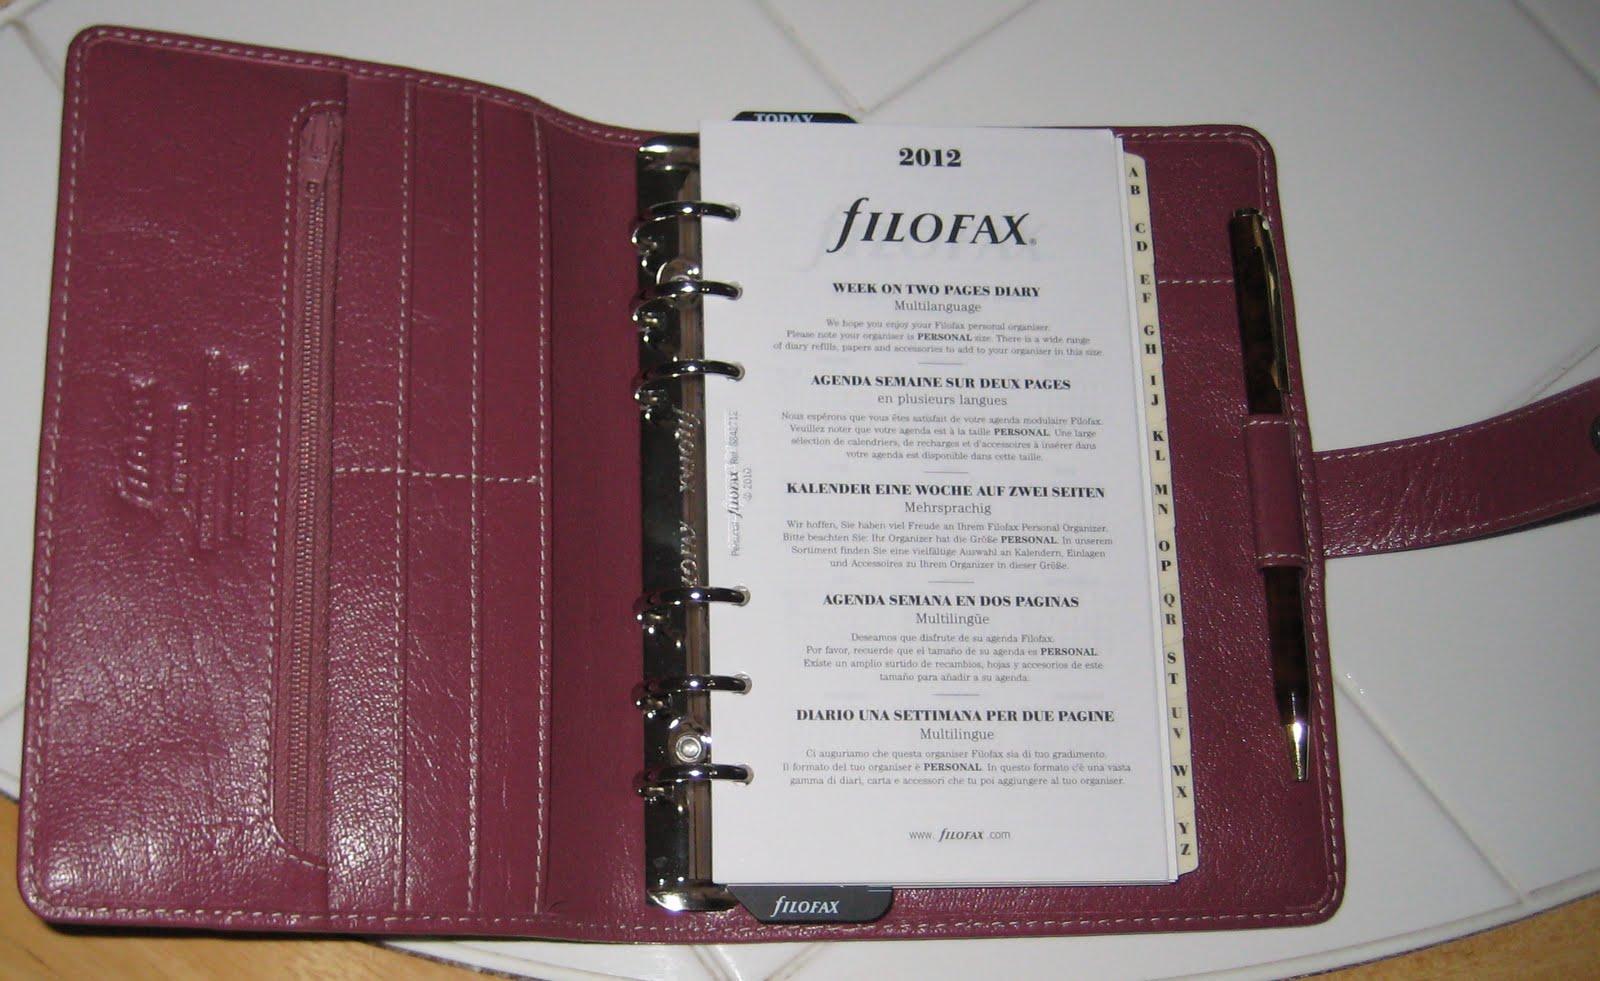 cacc0510f39  http   philofaxy.blogspot.com